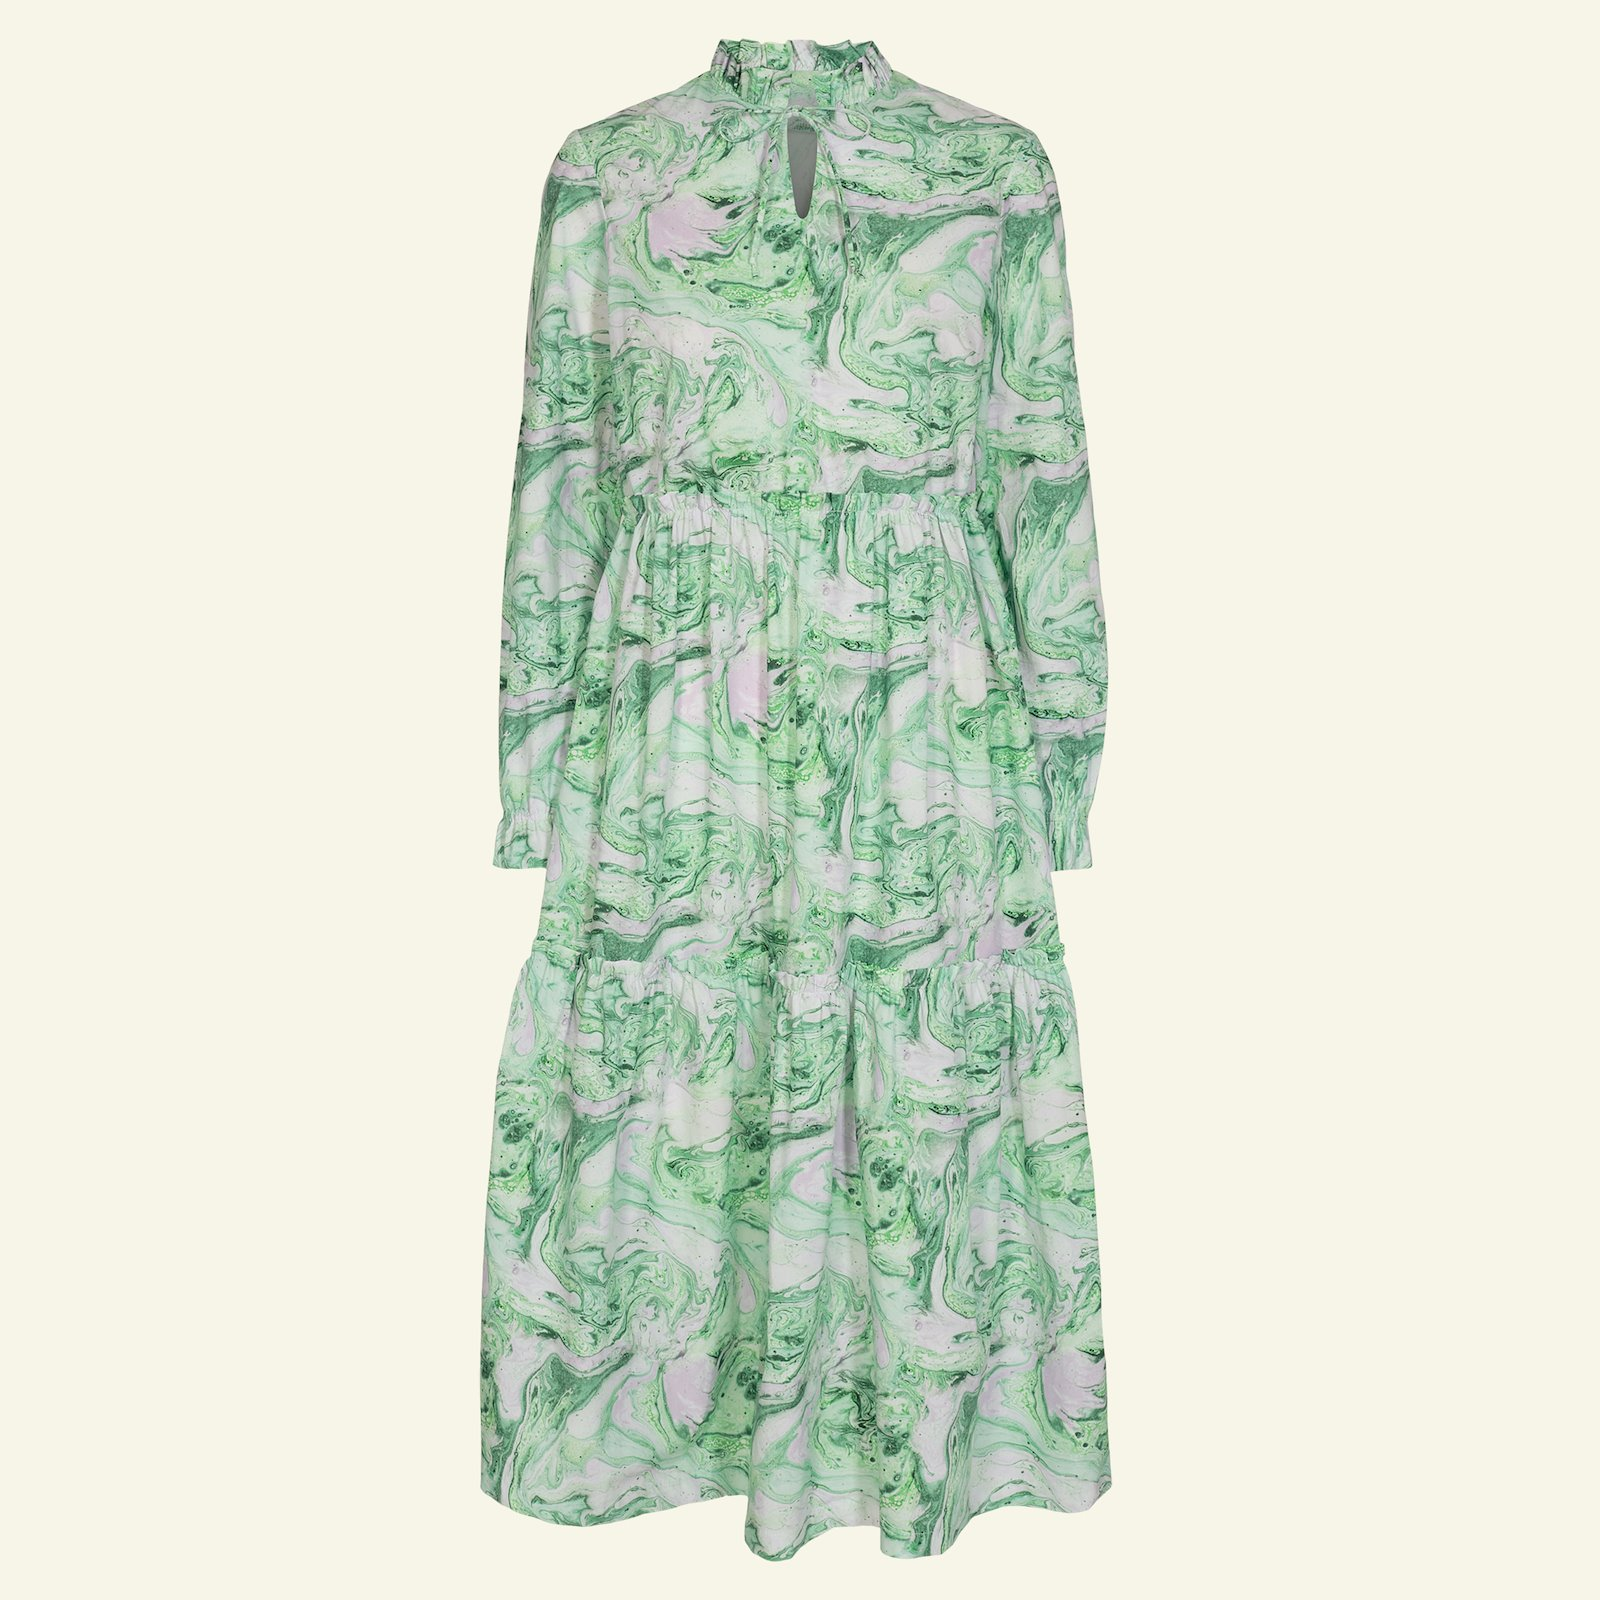 Smock dress, 38/10 p23159_540115_sskit